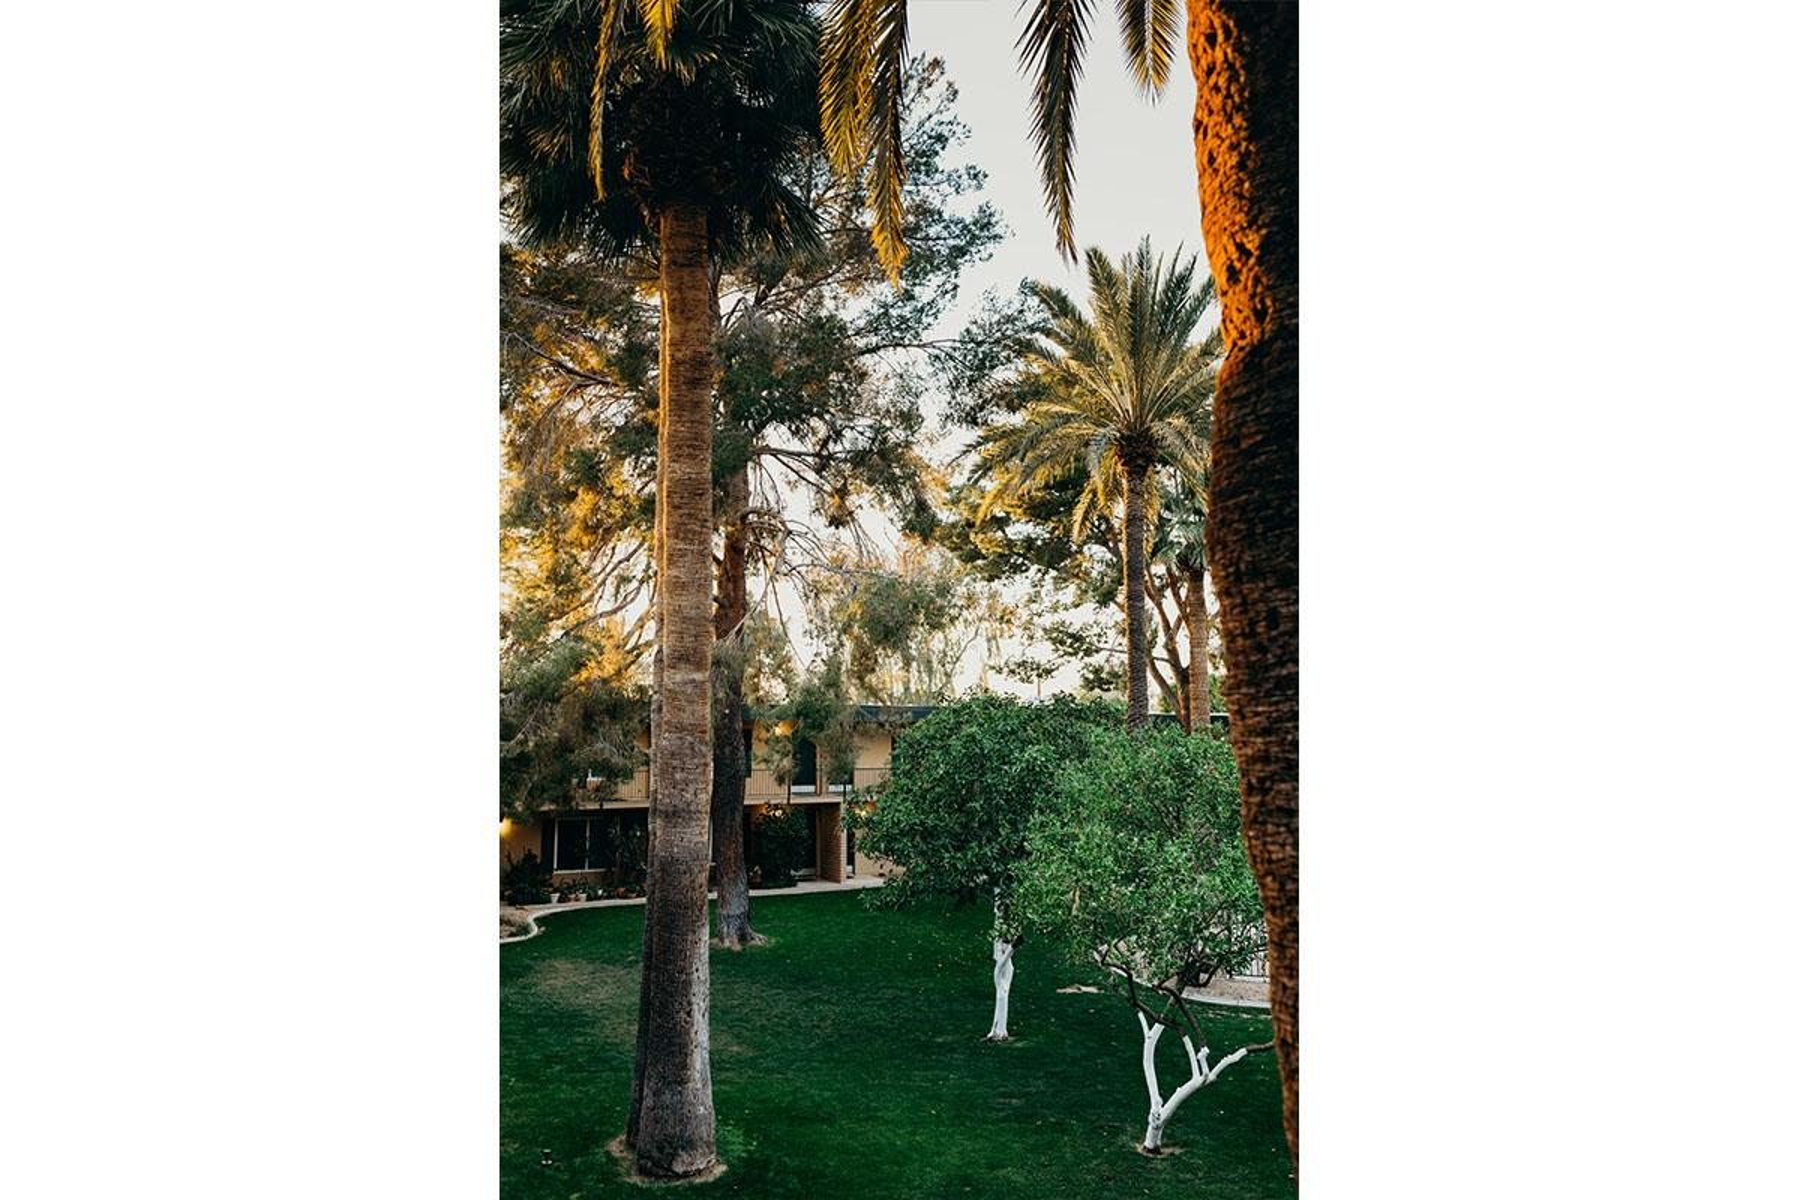 oasis-35.jpg